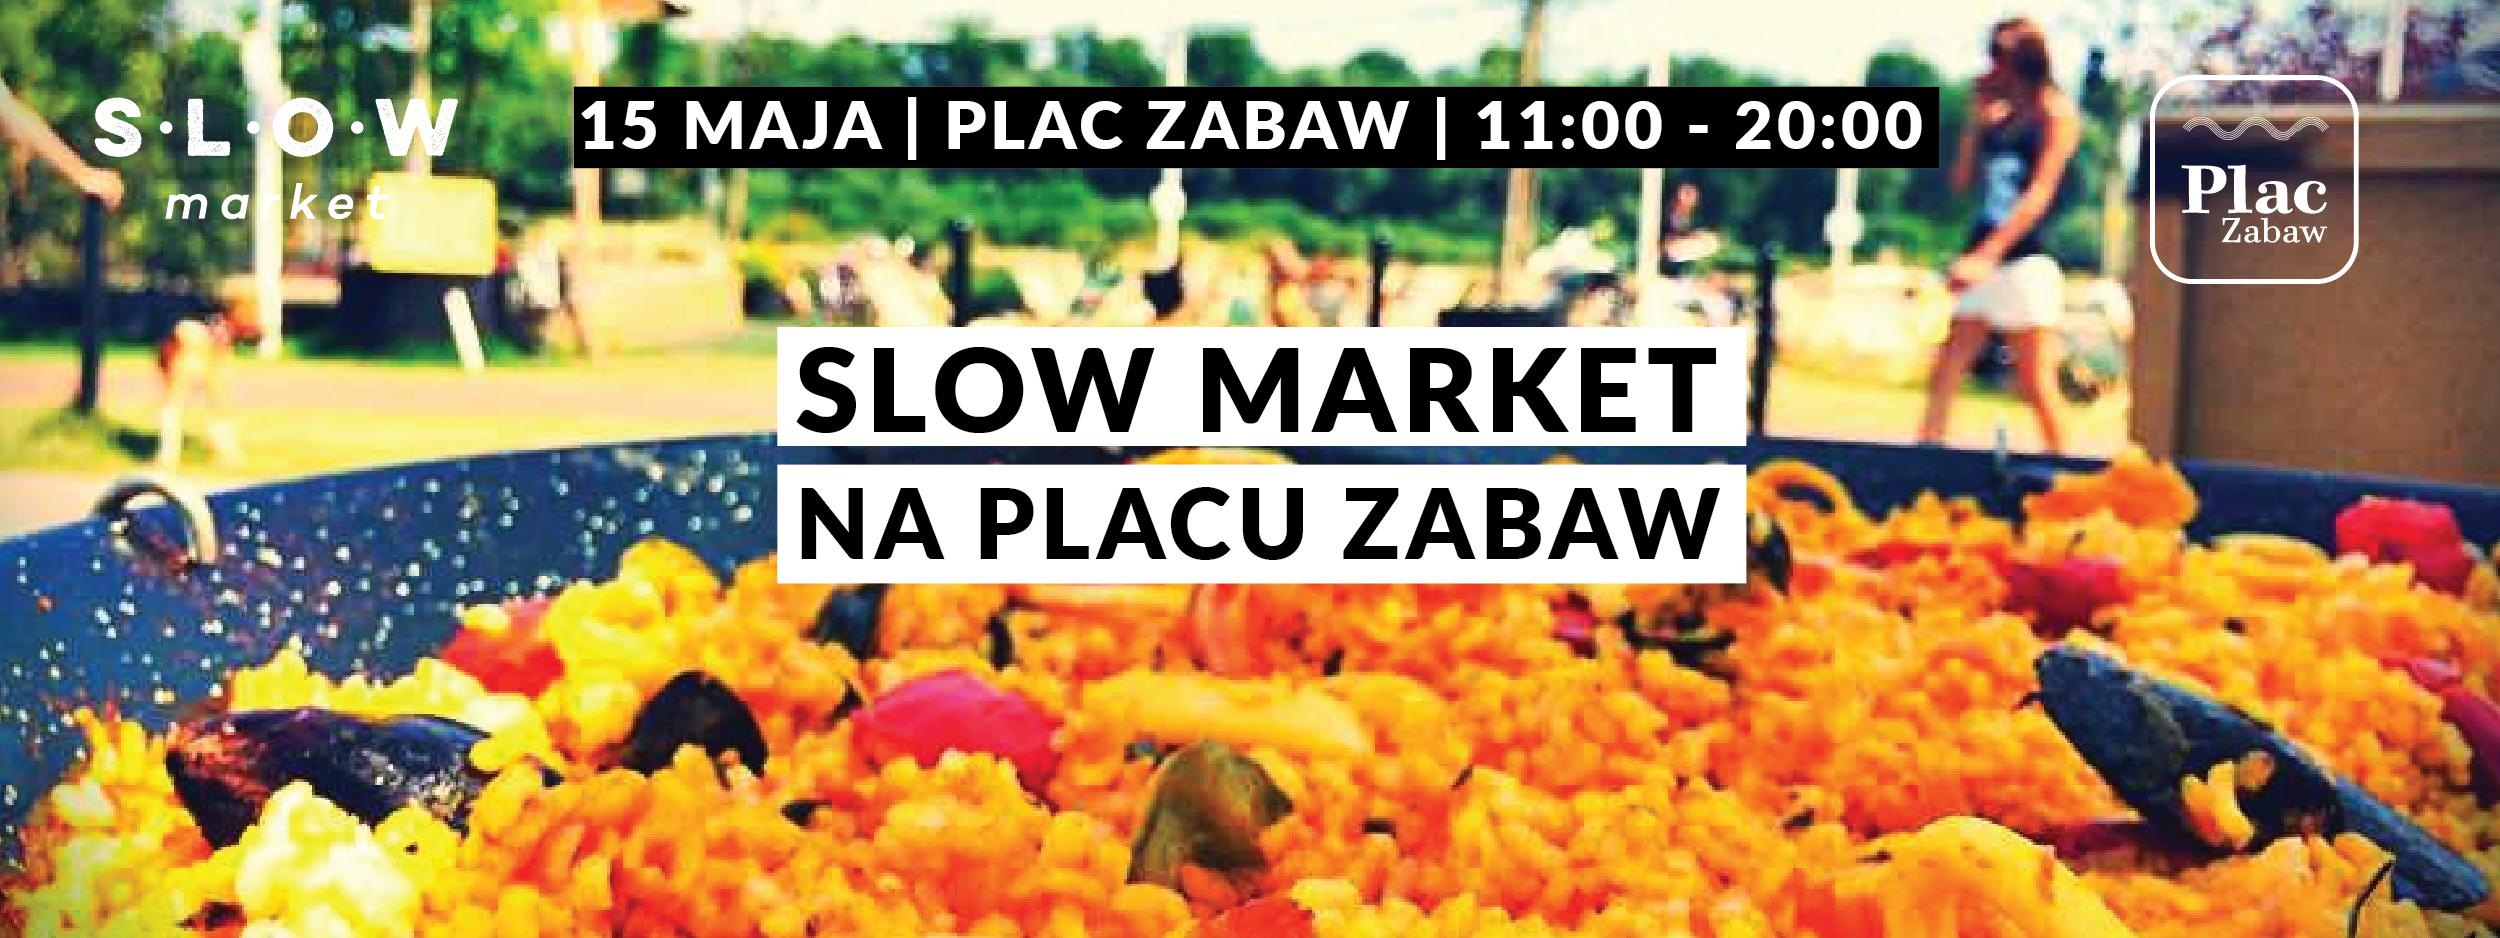 Slow Market nad Wisla